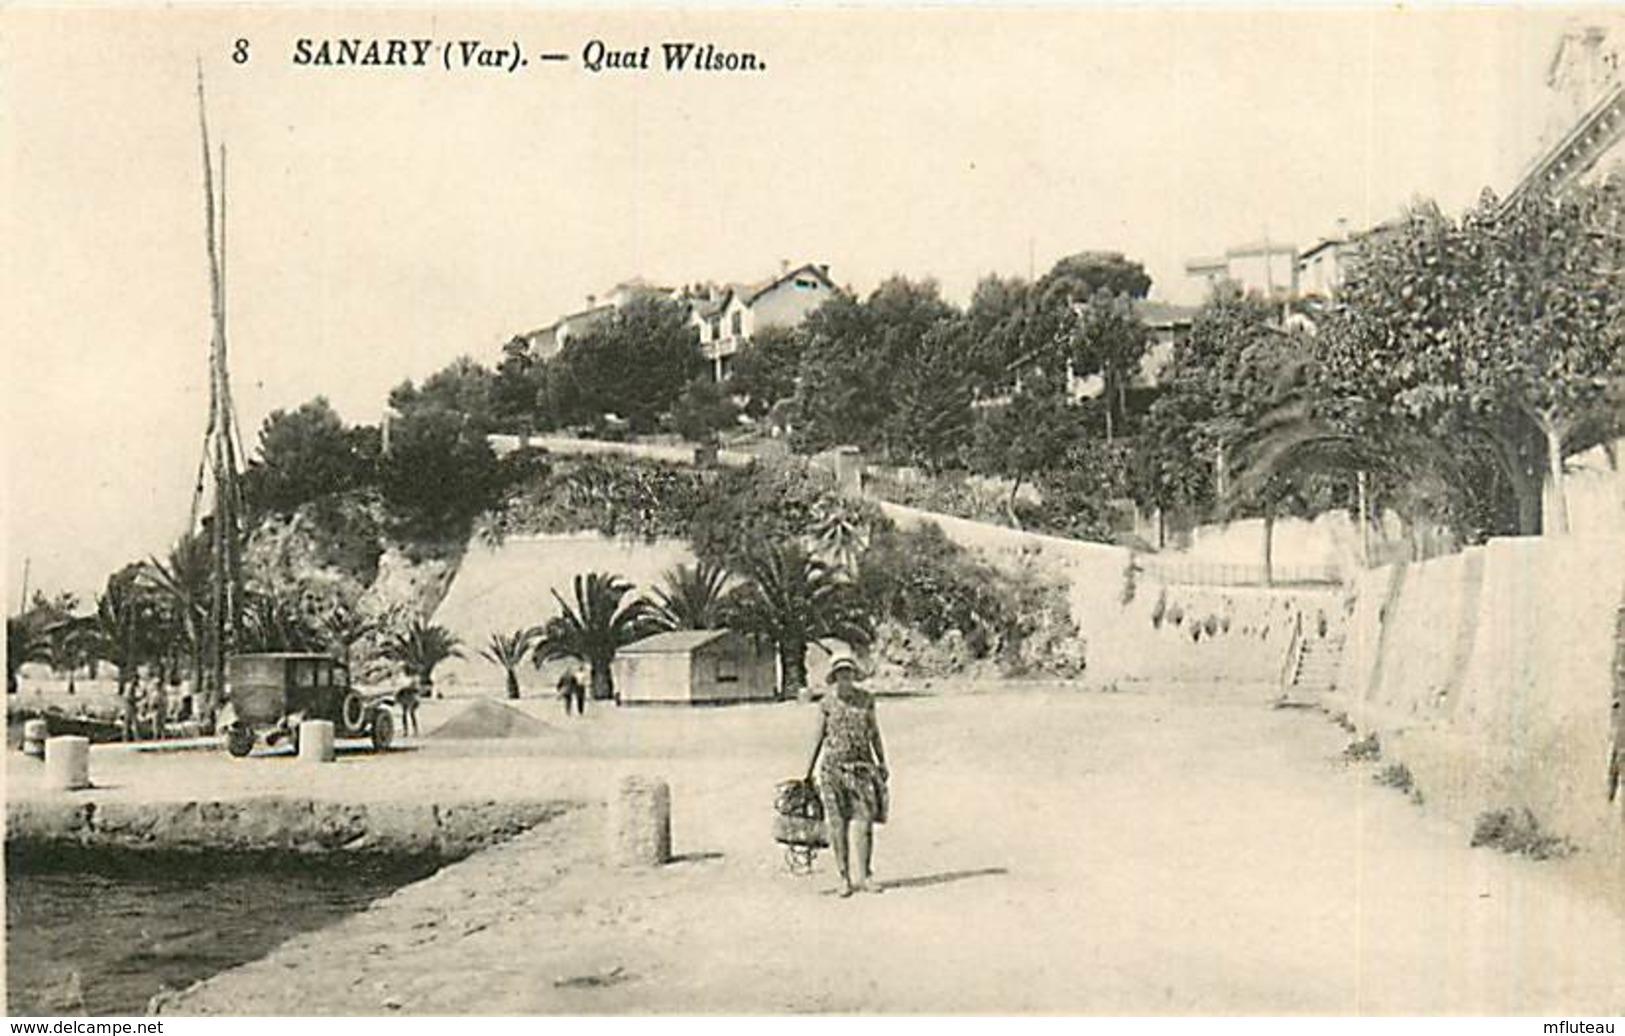 83* SANARY  Quai Wilson                    MA97,0431 - Sanary-sur-Mer